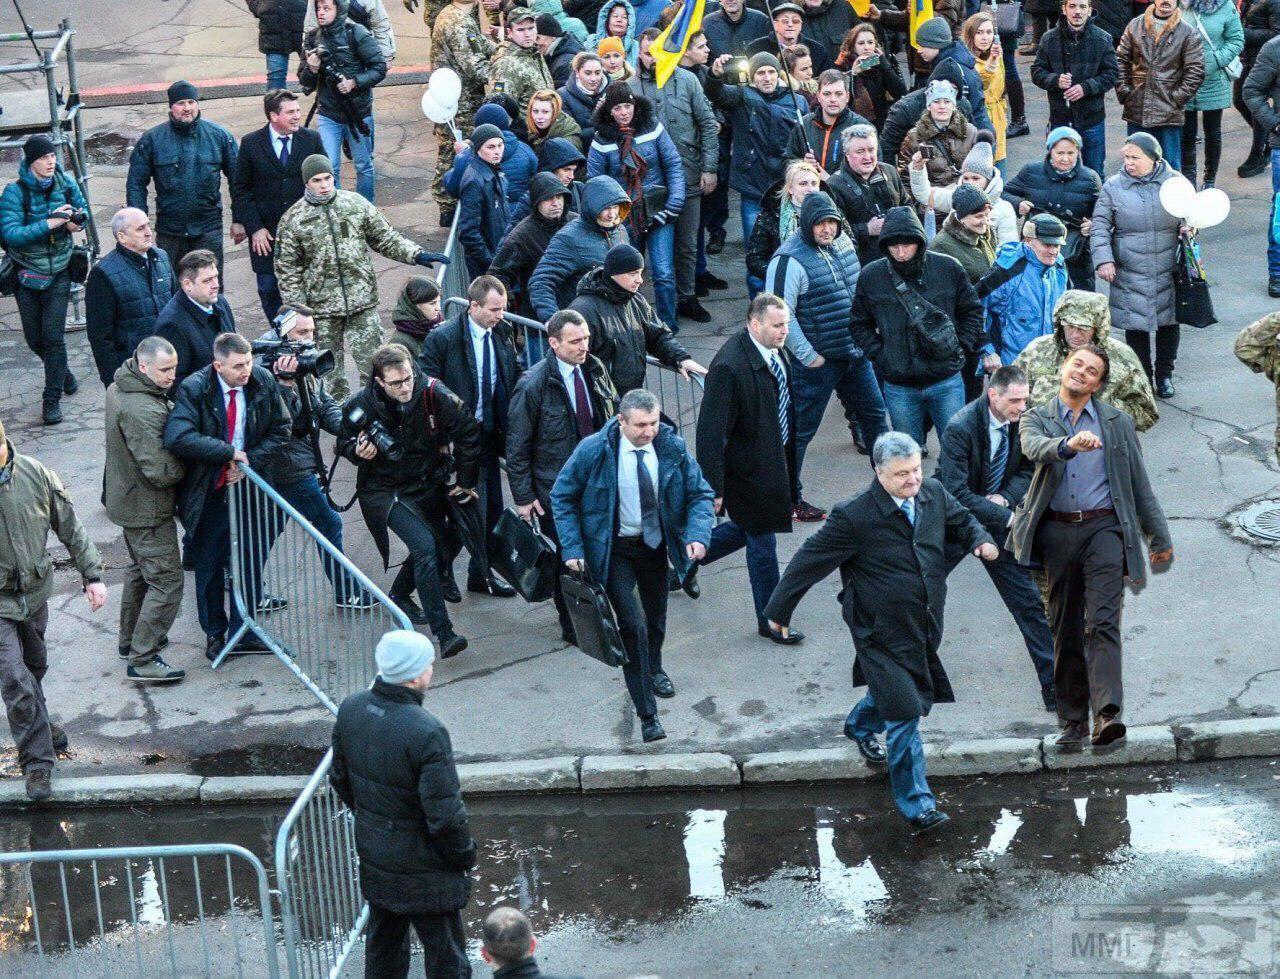 50184 - Украина - реалии!!!!!!!!